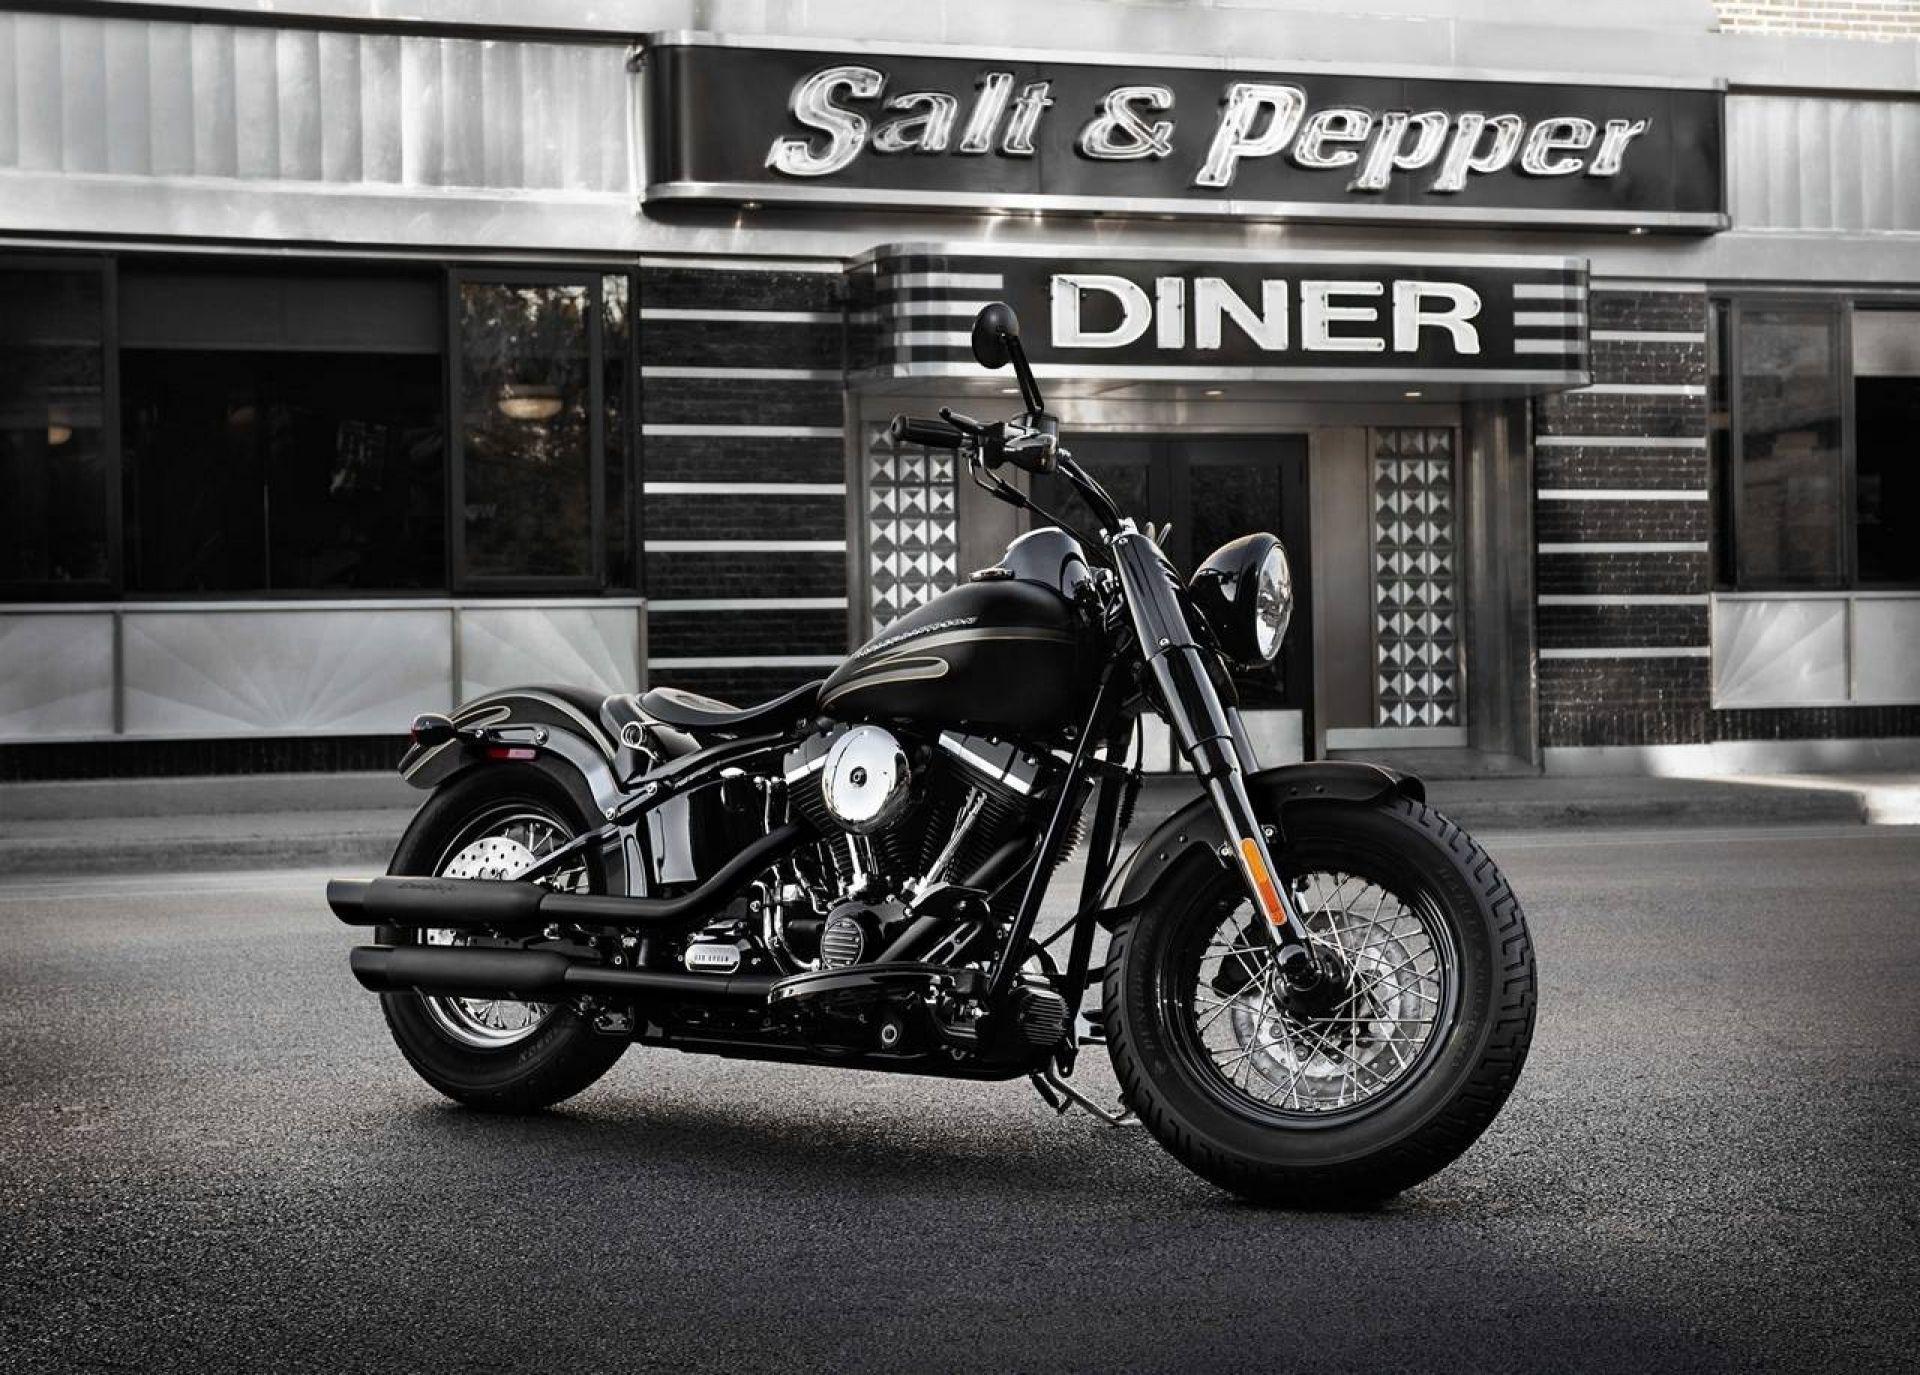 Harley Motorcycle Wallpapers Top Free Harley Motorcycle